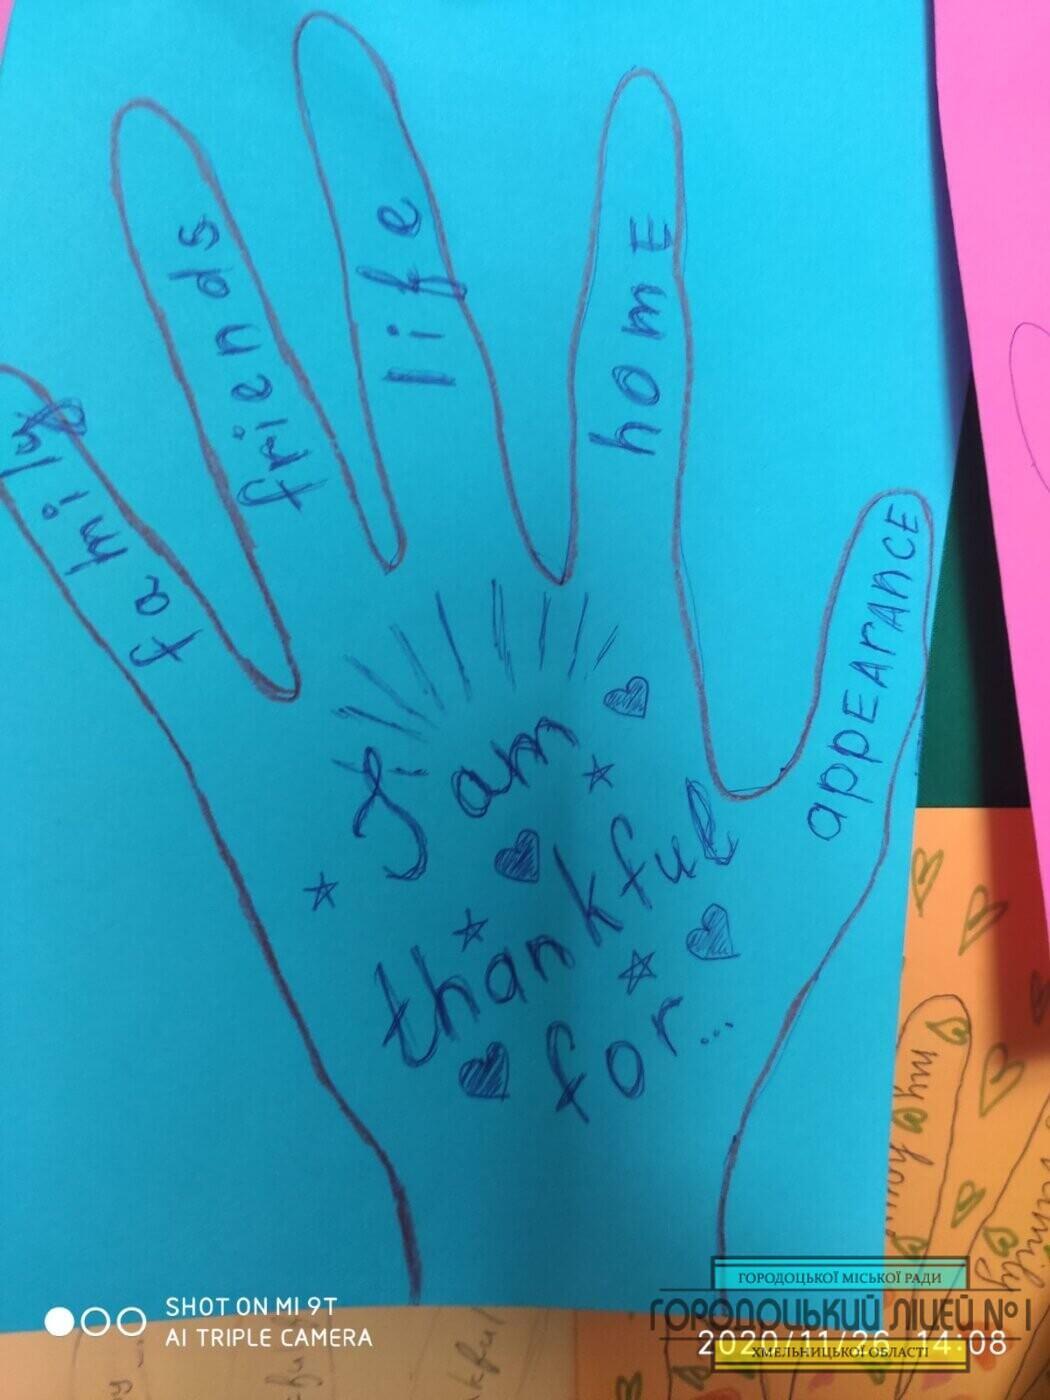 zobrazhennya viber 2020 11 27 16 04 255 1050x1400 - День Подяки- свято вдячності за все те, що ми цінуємо в житті